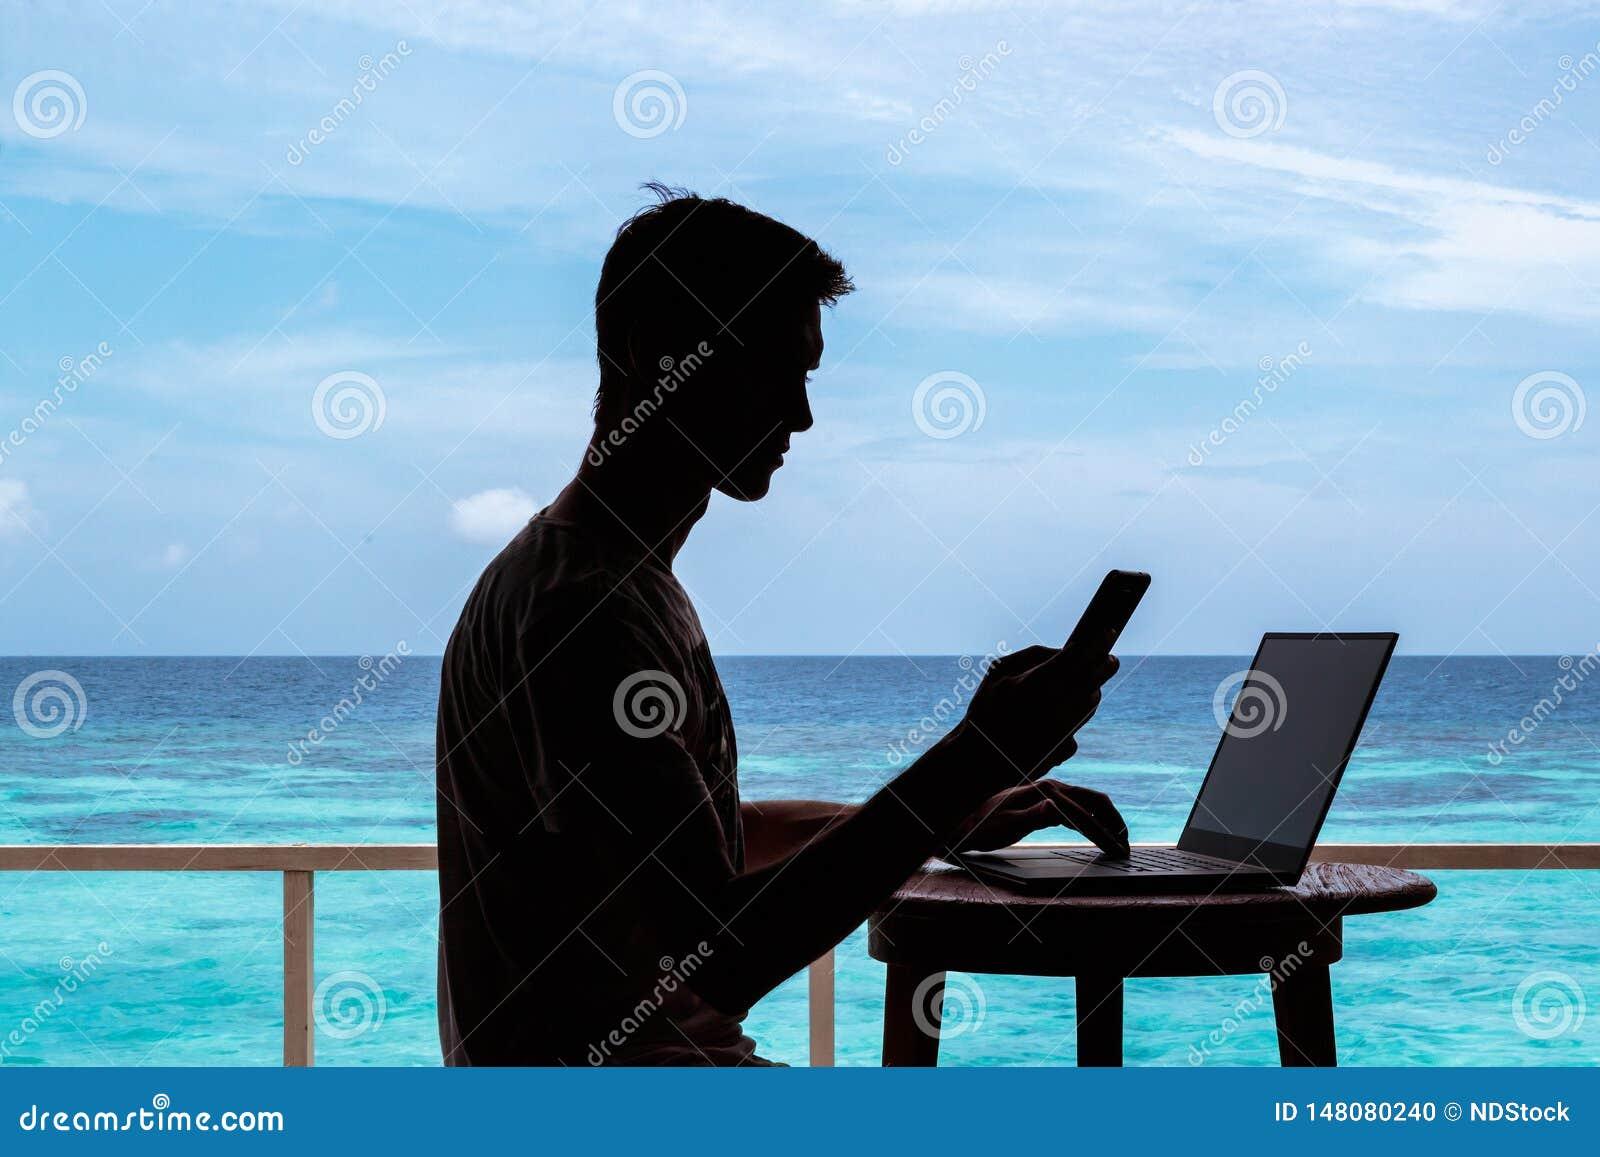 Silhouette d un jeune homme travaillant avec un ordinateur et un smartphone sur une table L eau tropicale bleue claire comme fond